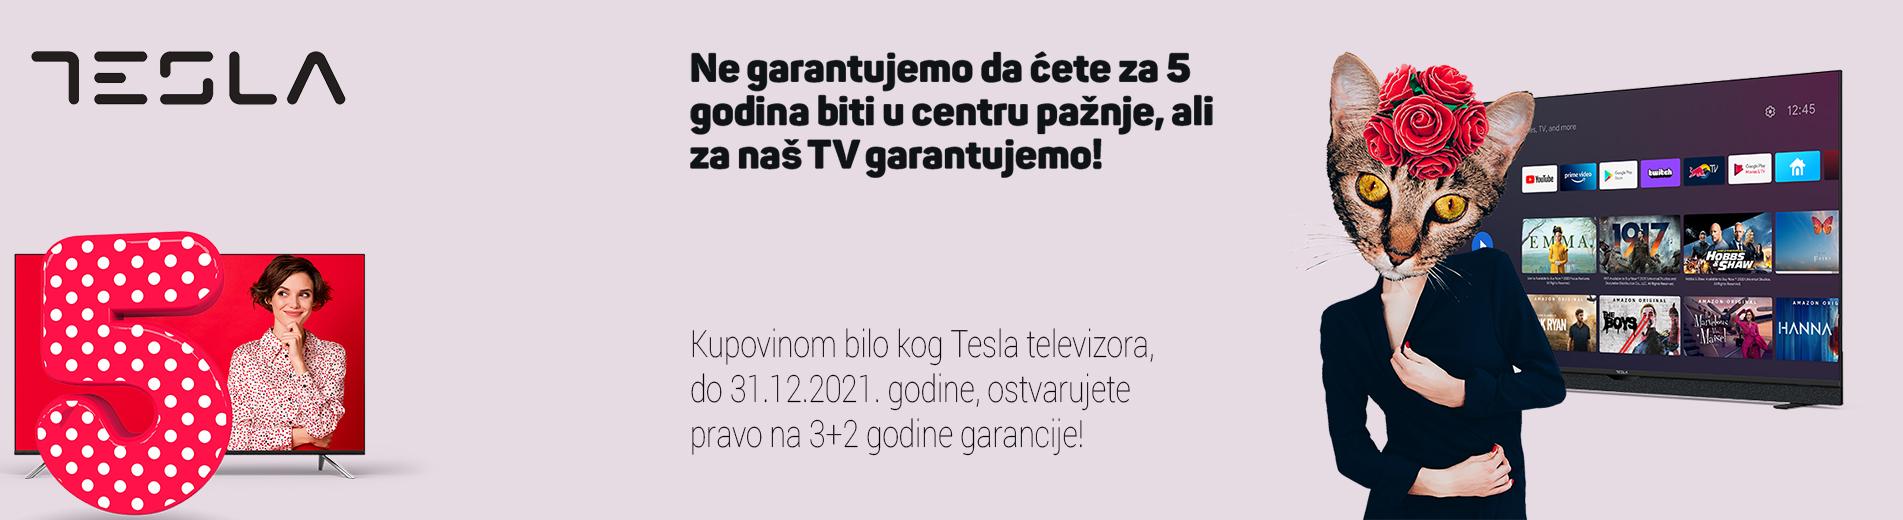 Tesla 5 godina garancije